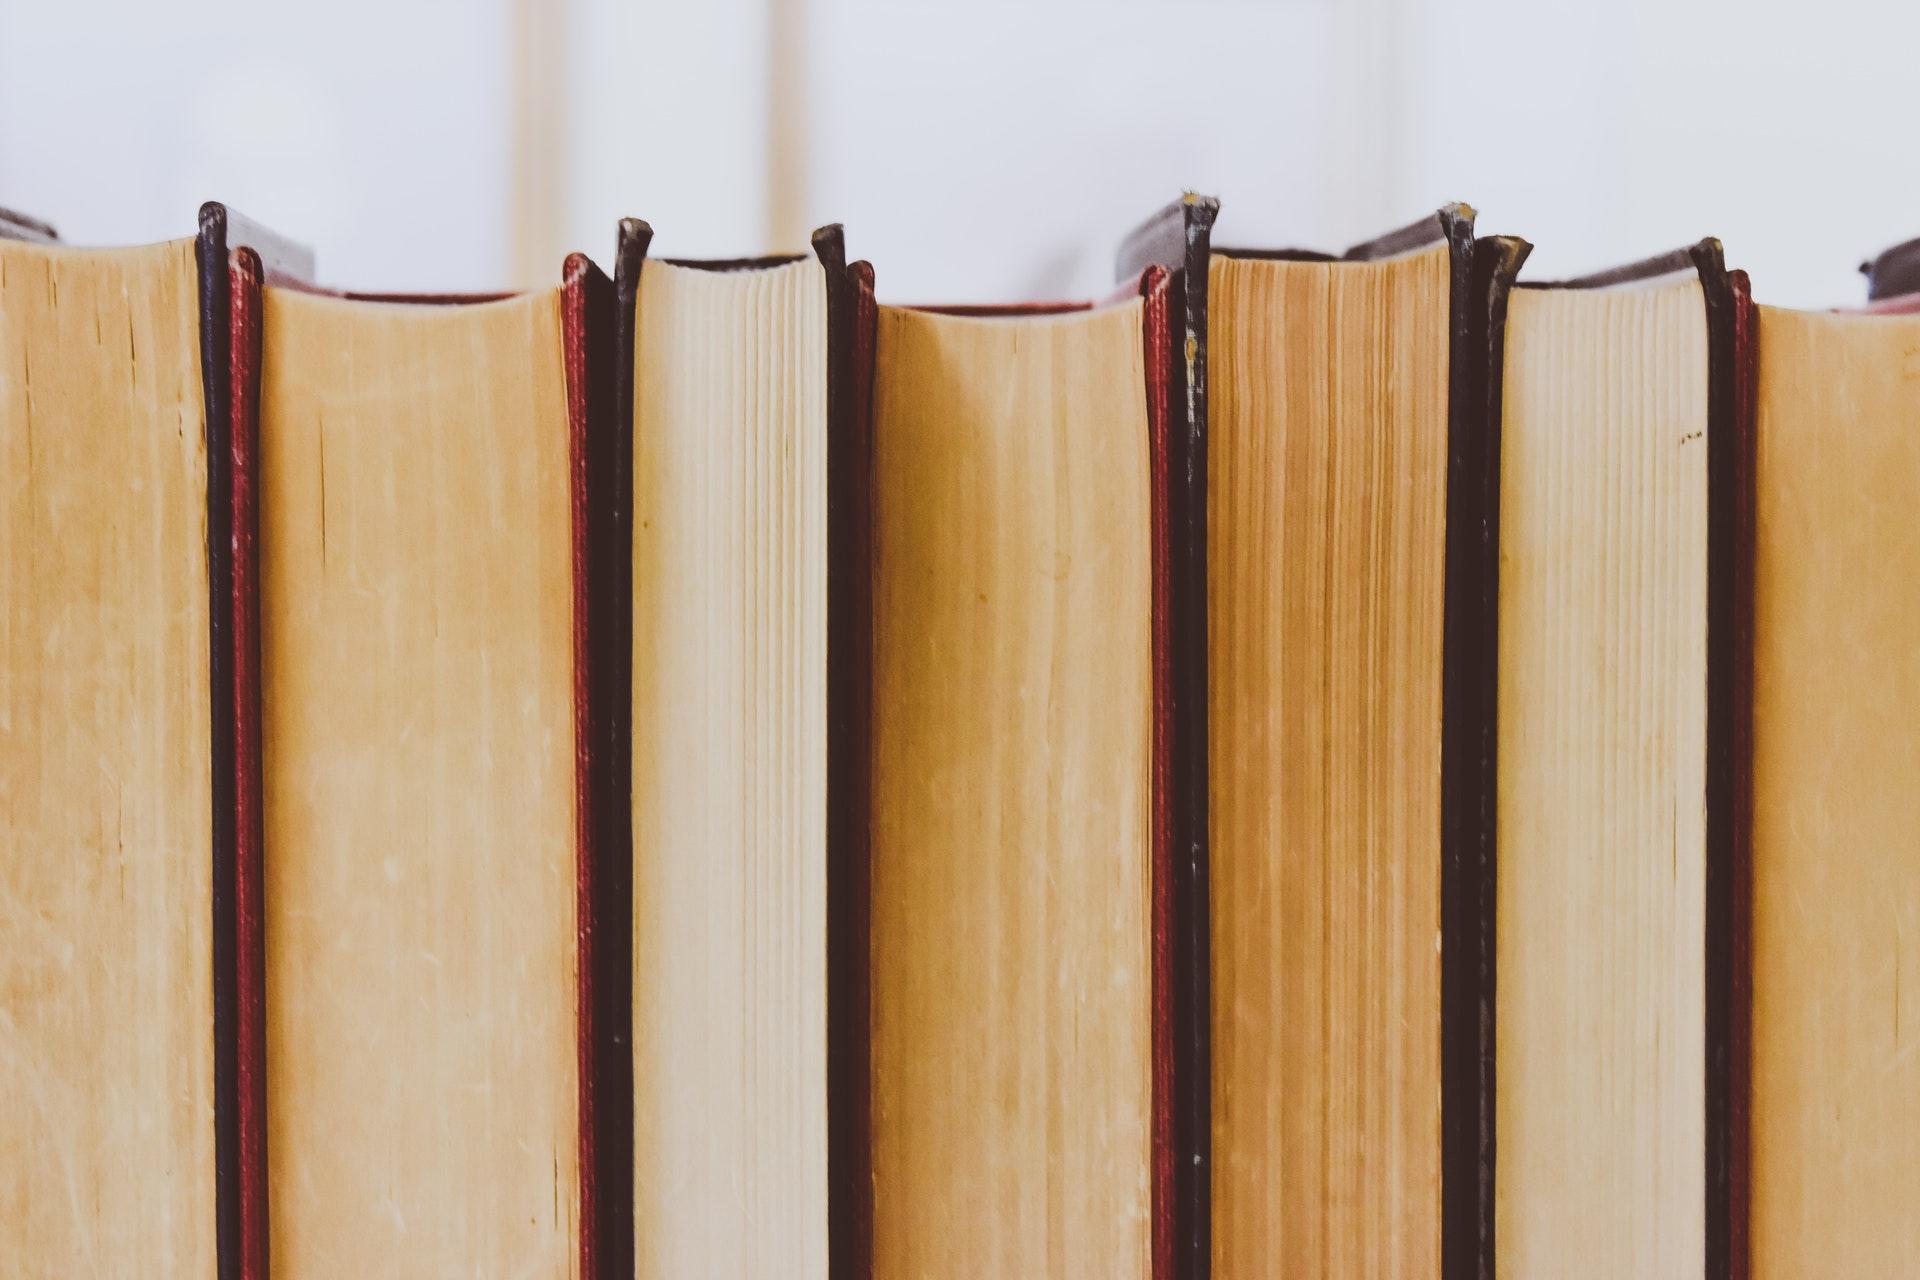 books organized on bookshelves